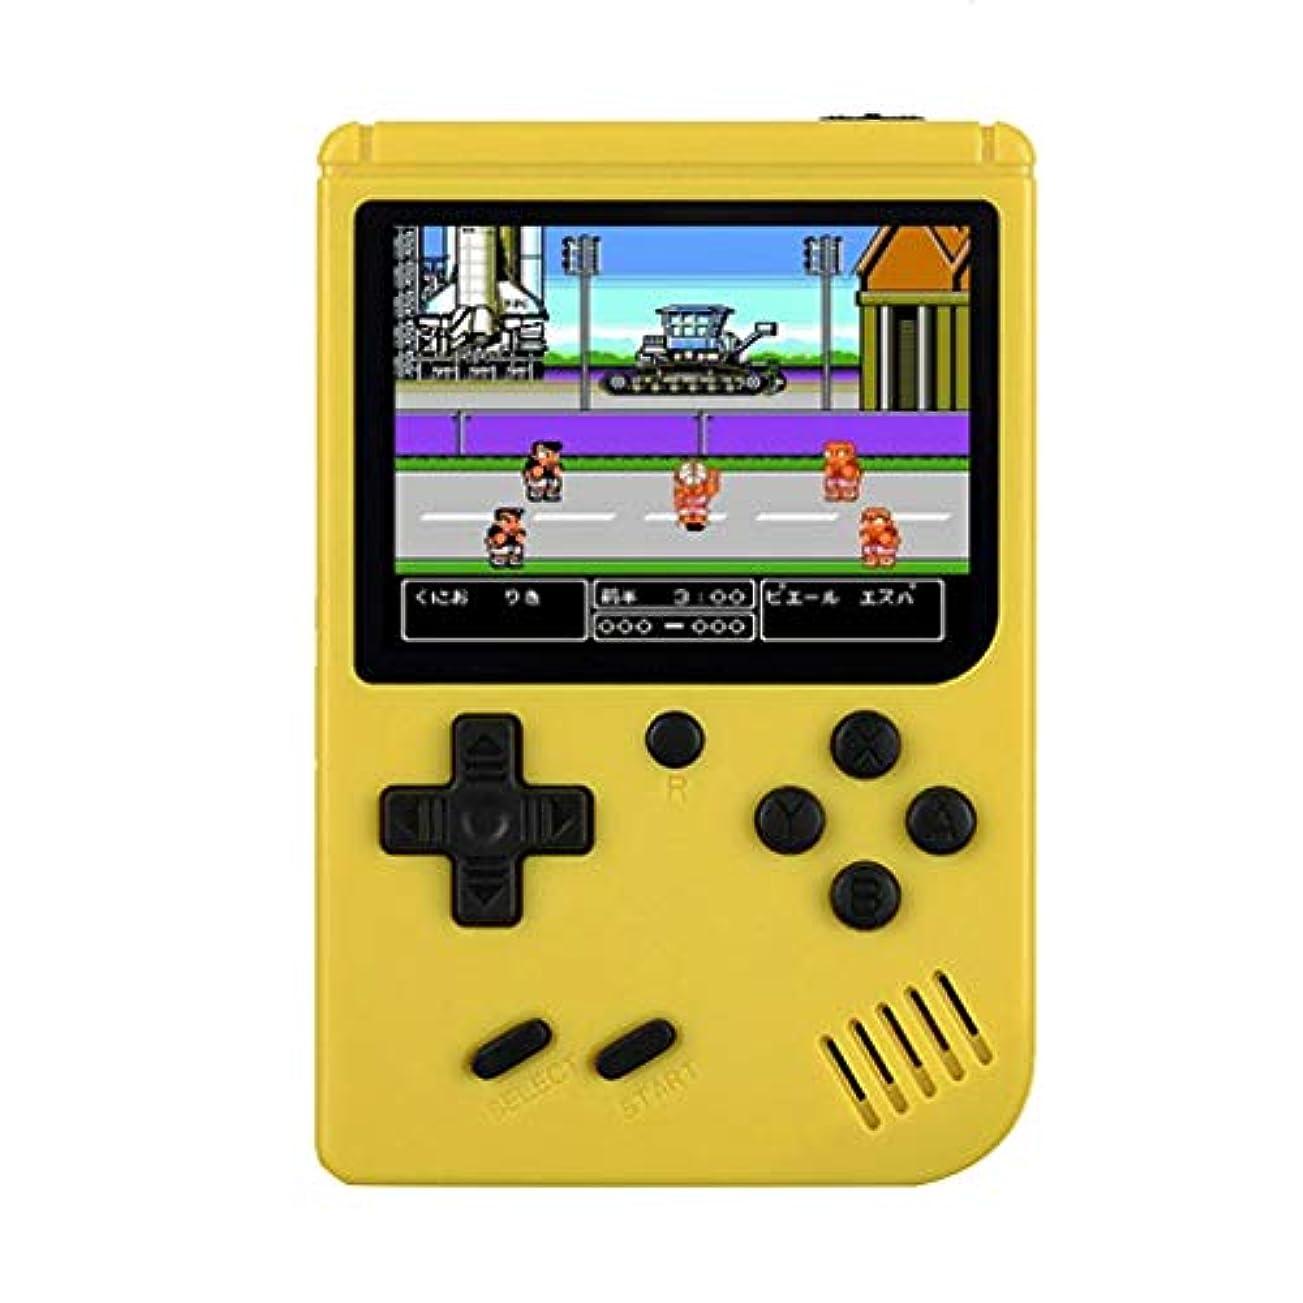 些細光健全高品質ハンドヘルドゲームコンソールのサポートテレビの接続3インチビルトイン500クラシックゲーム 子ども時代の思い出 余暇トイレパズル携帯ゲーム機